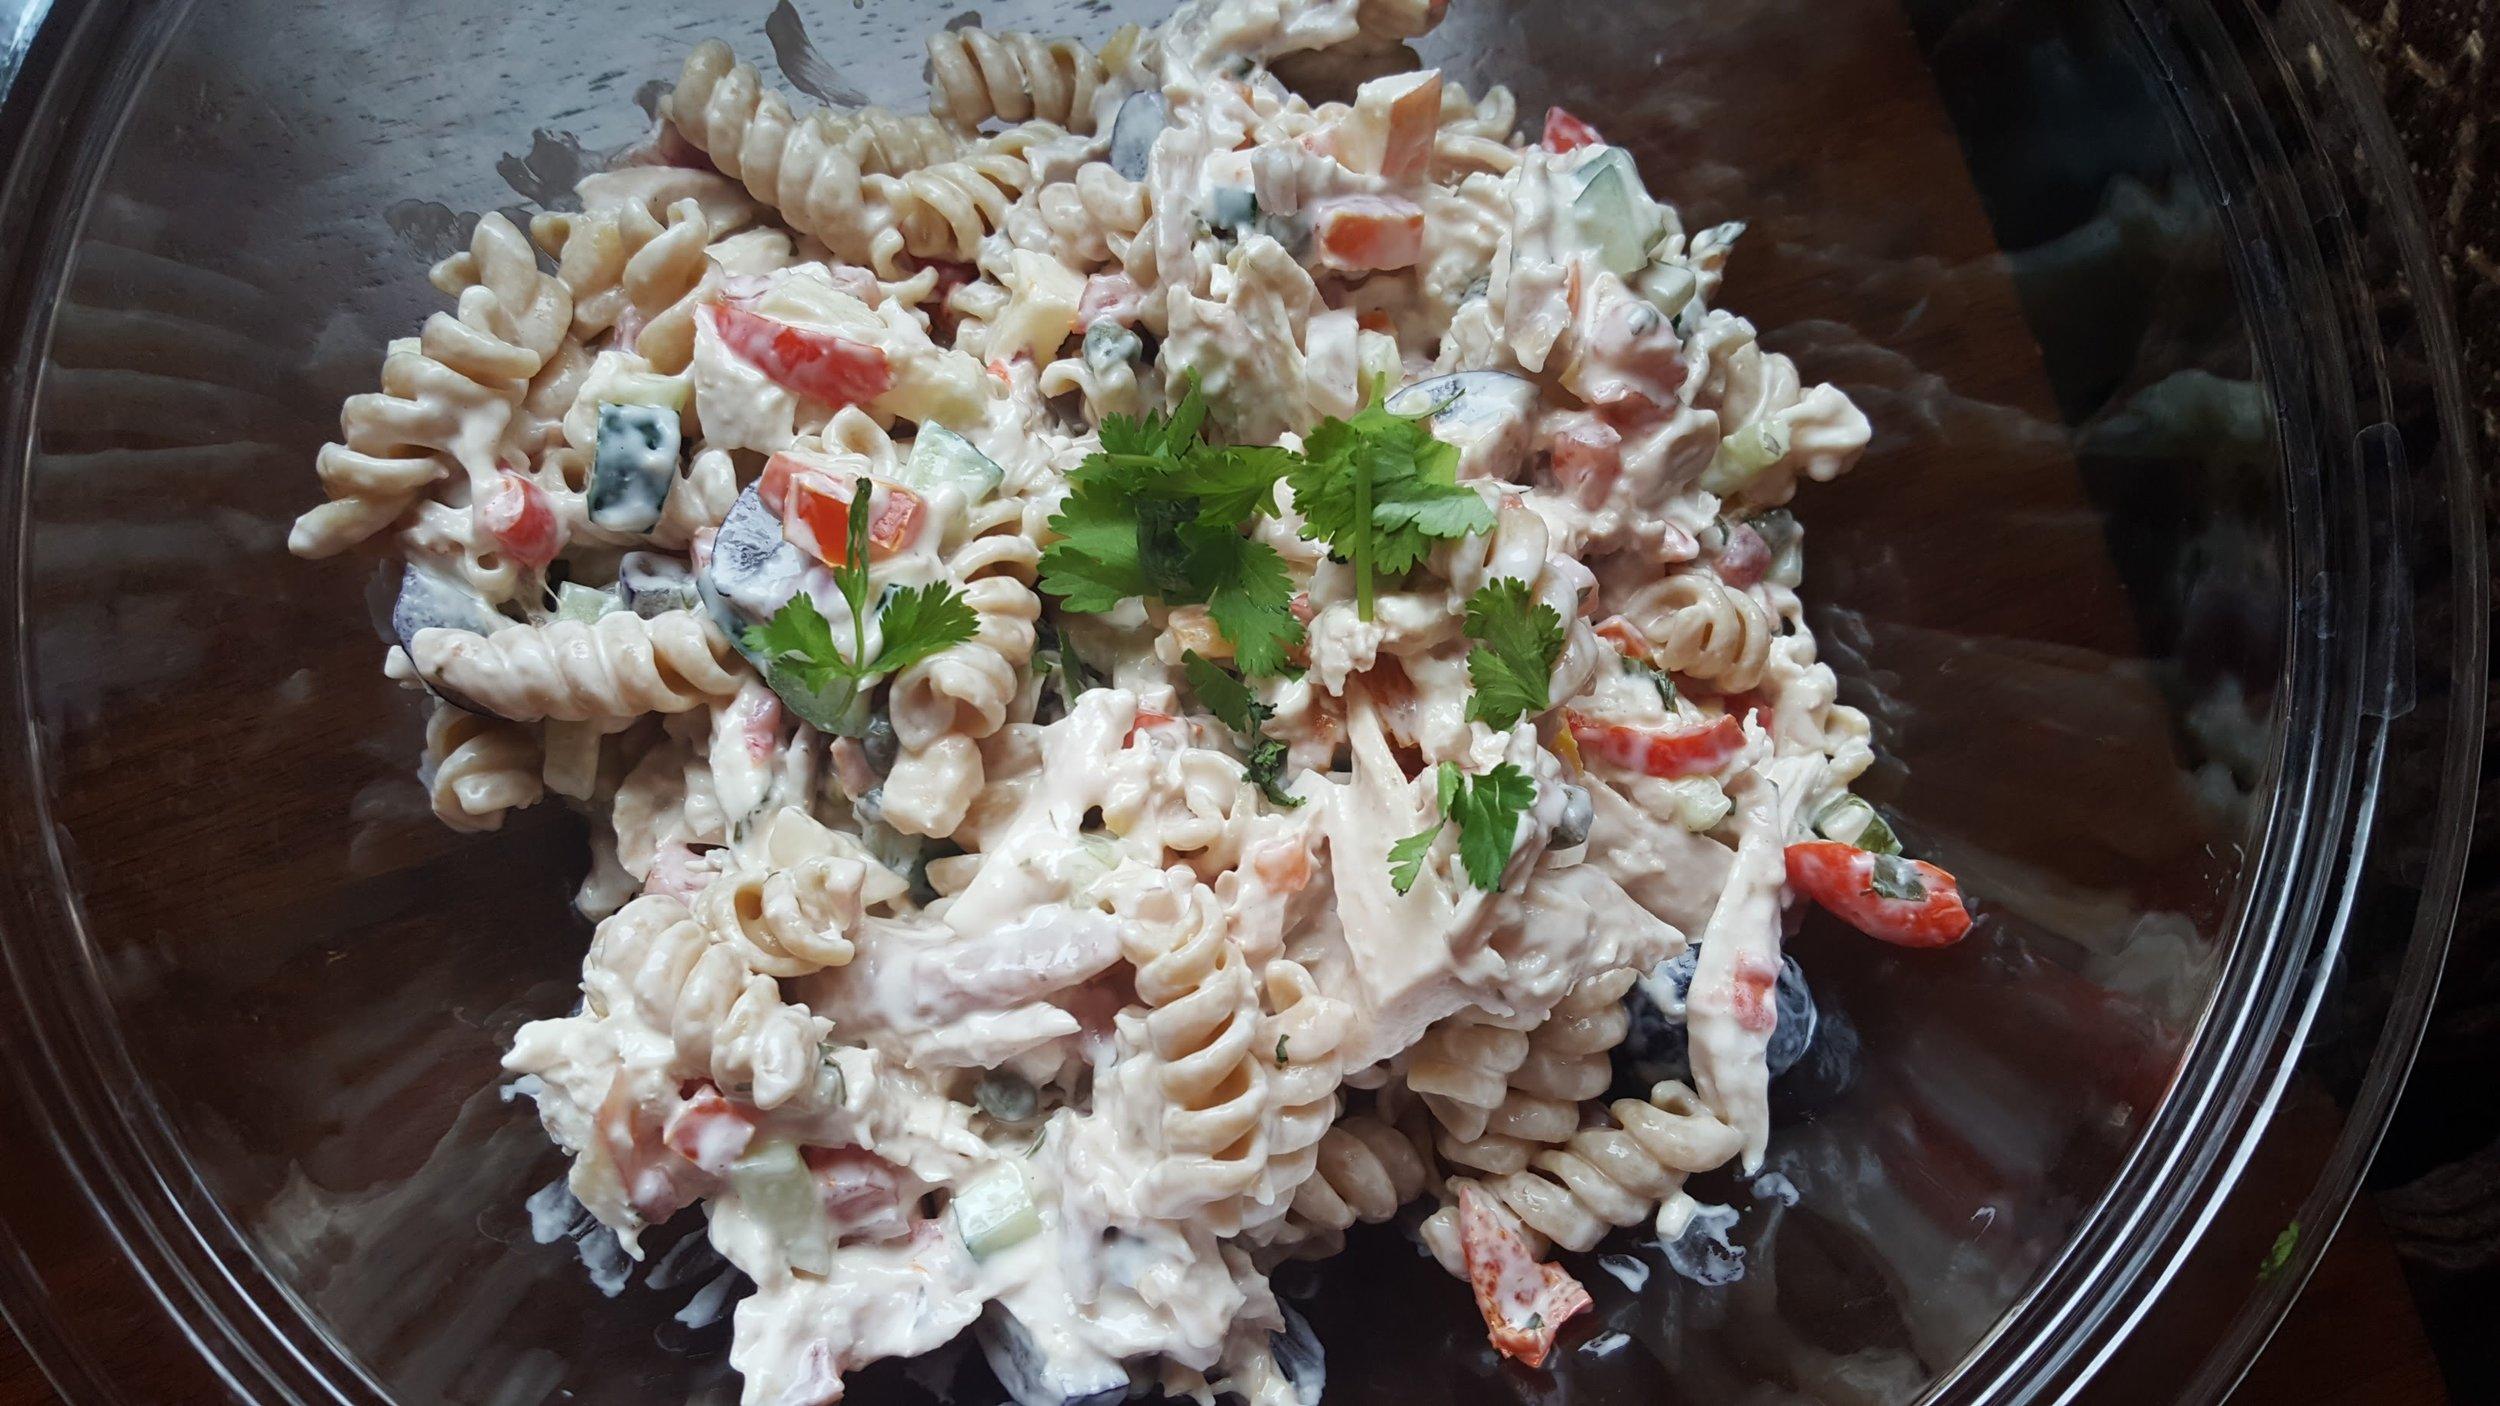 Chicken salad made with Salsa, Rotisserie Chicken & Mayo